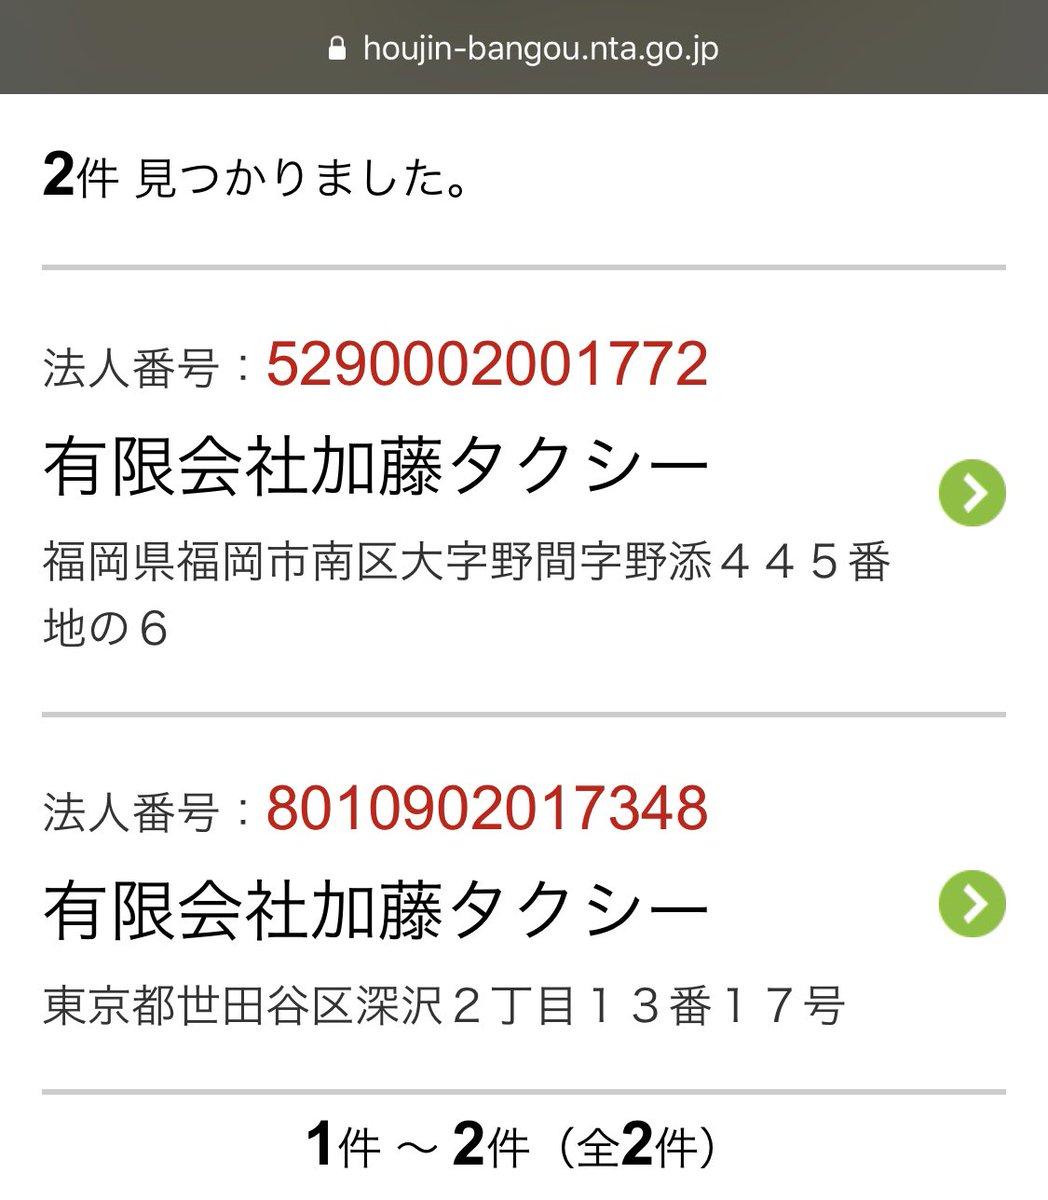 加藤 有限 タクシー 会社